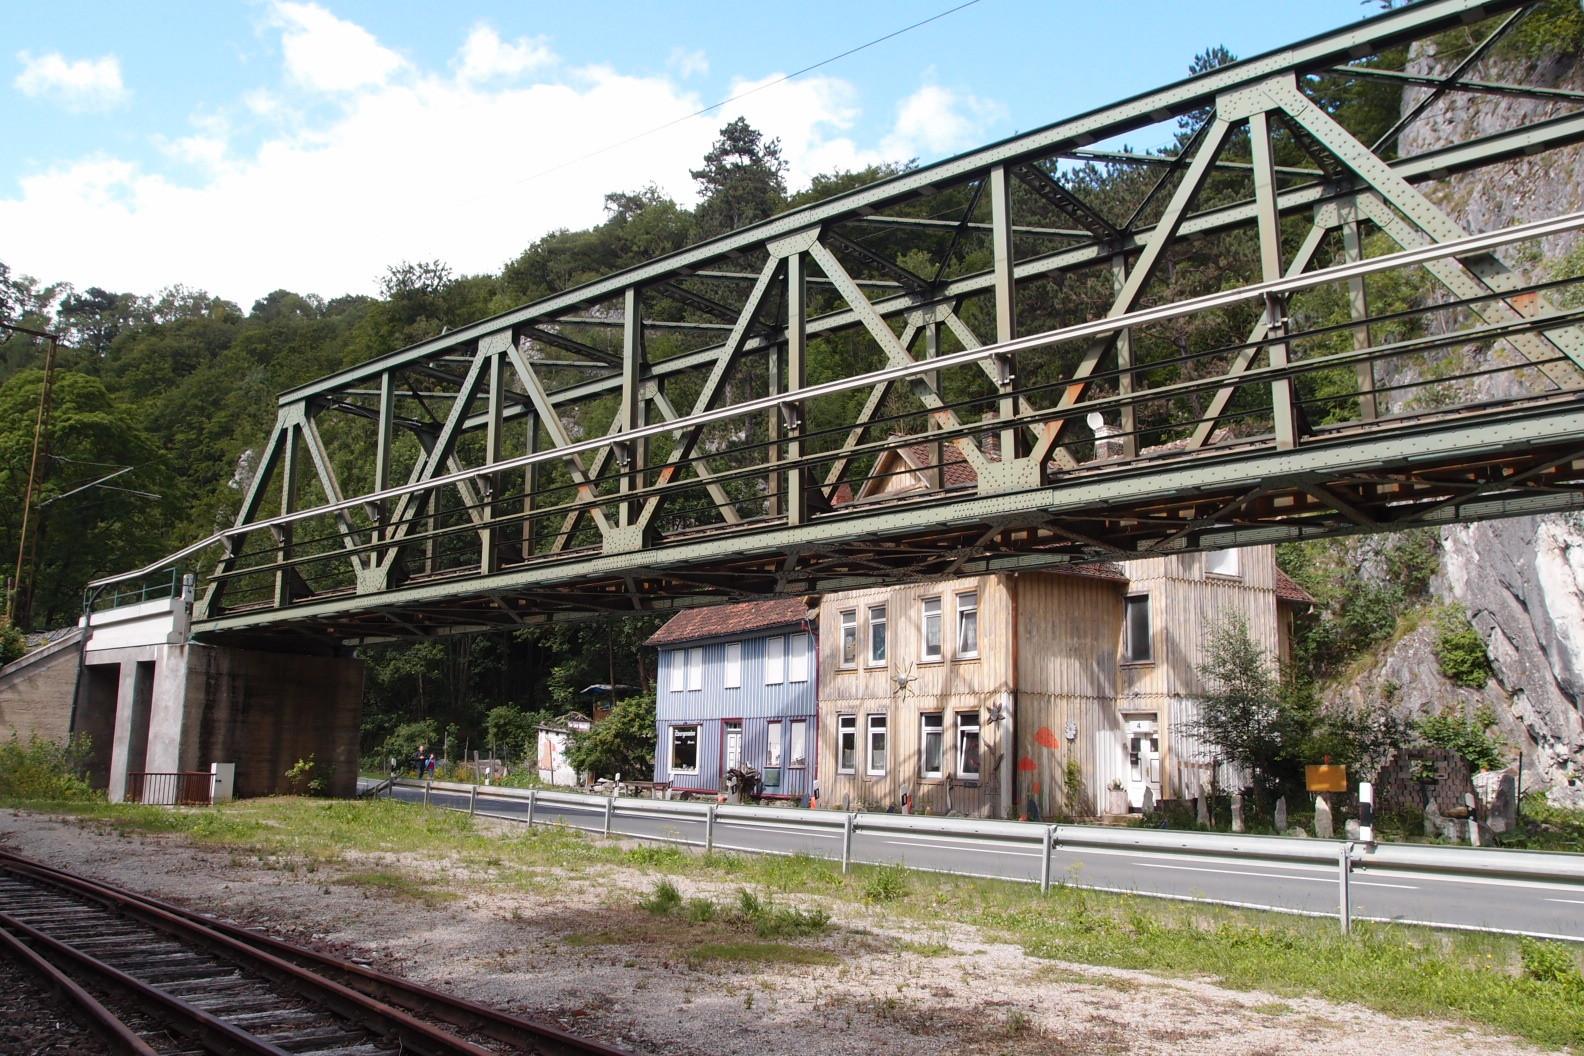 Vielfach fotografierte Brücke in Rübeland